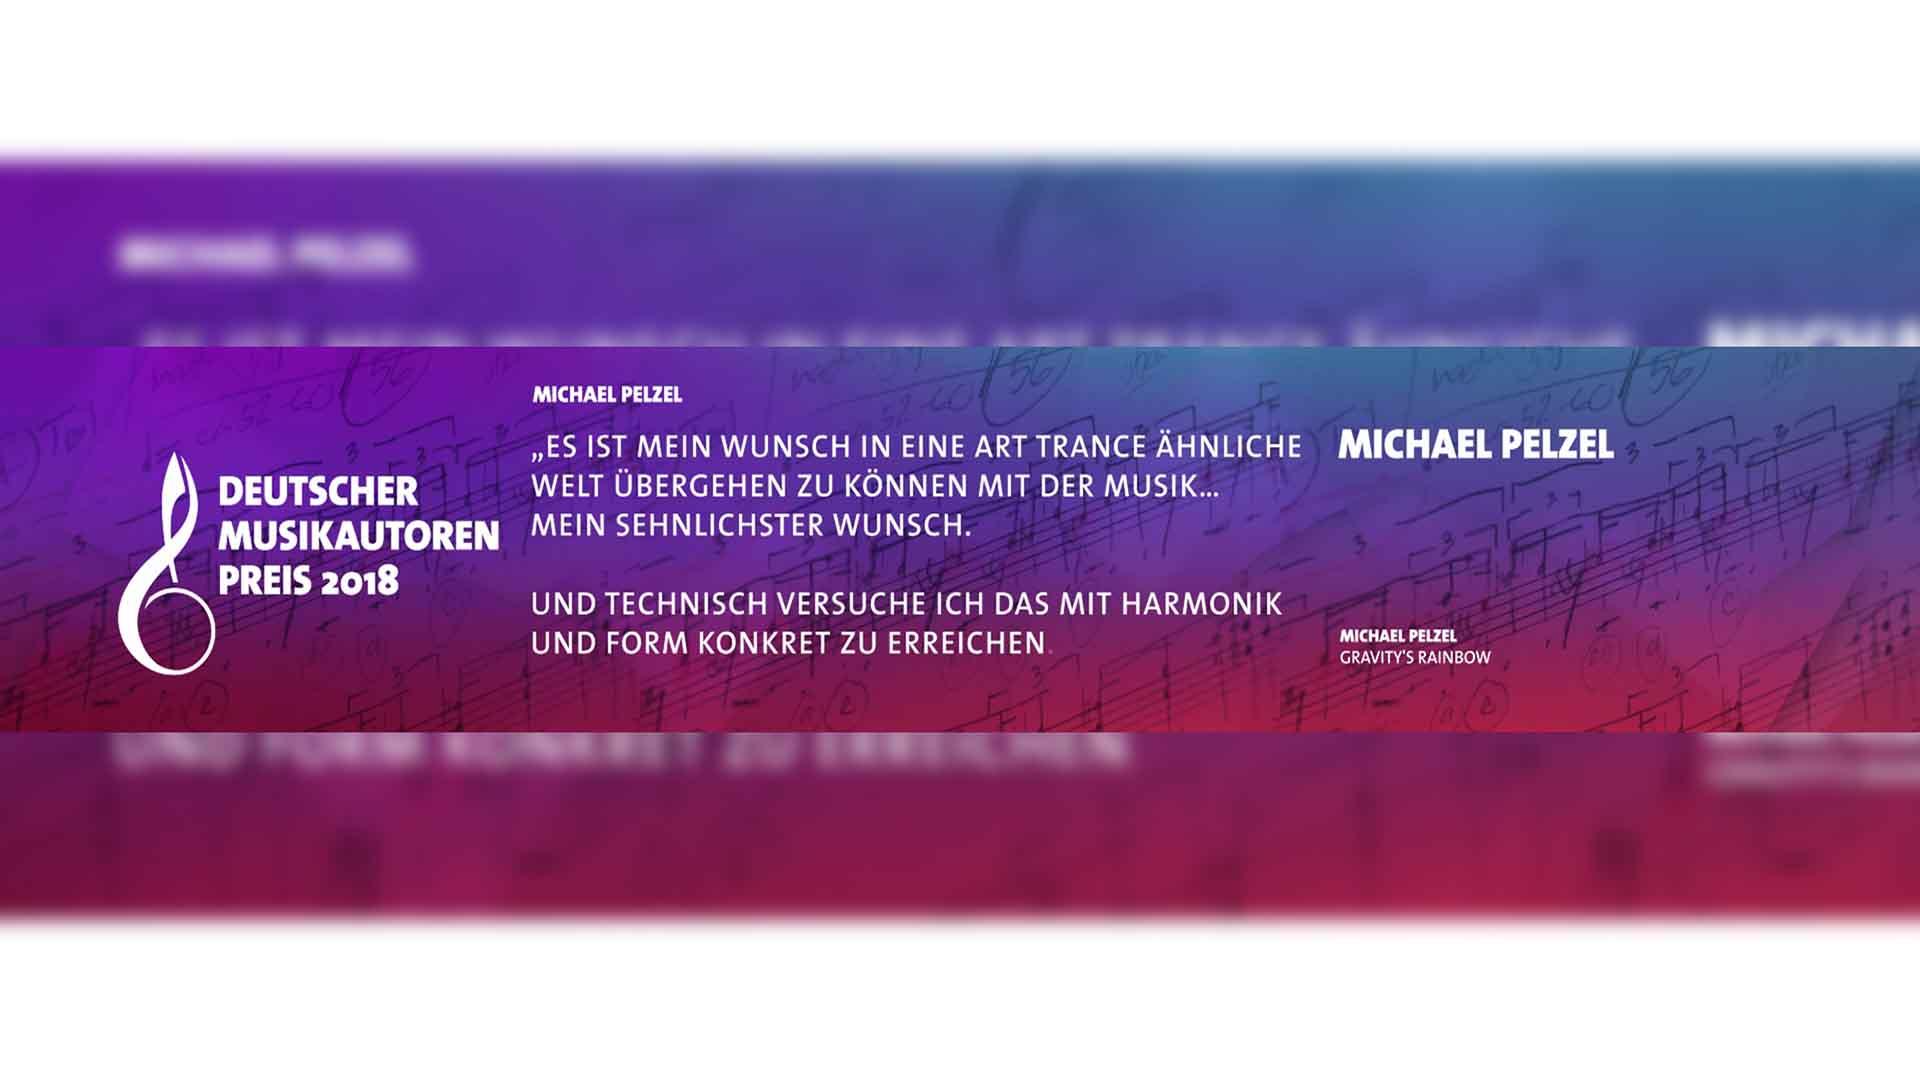 Zu sehen ist ein Banner. Er trägt die Farbe blau-rot-lila. Auf dem Banner ist in weißer Schrift das Logo des Deutschen Musikautorenpreis 2018 zu sehen. Es ist links angebracht. Die Mitte ziert ein Zitat von Michael Pelzel, sein Name steht links. Das Bild dient als Sliderbild für den Portfolioeintrag GEMA – Deutscher Musikautorenpreis von Panda Pictures.